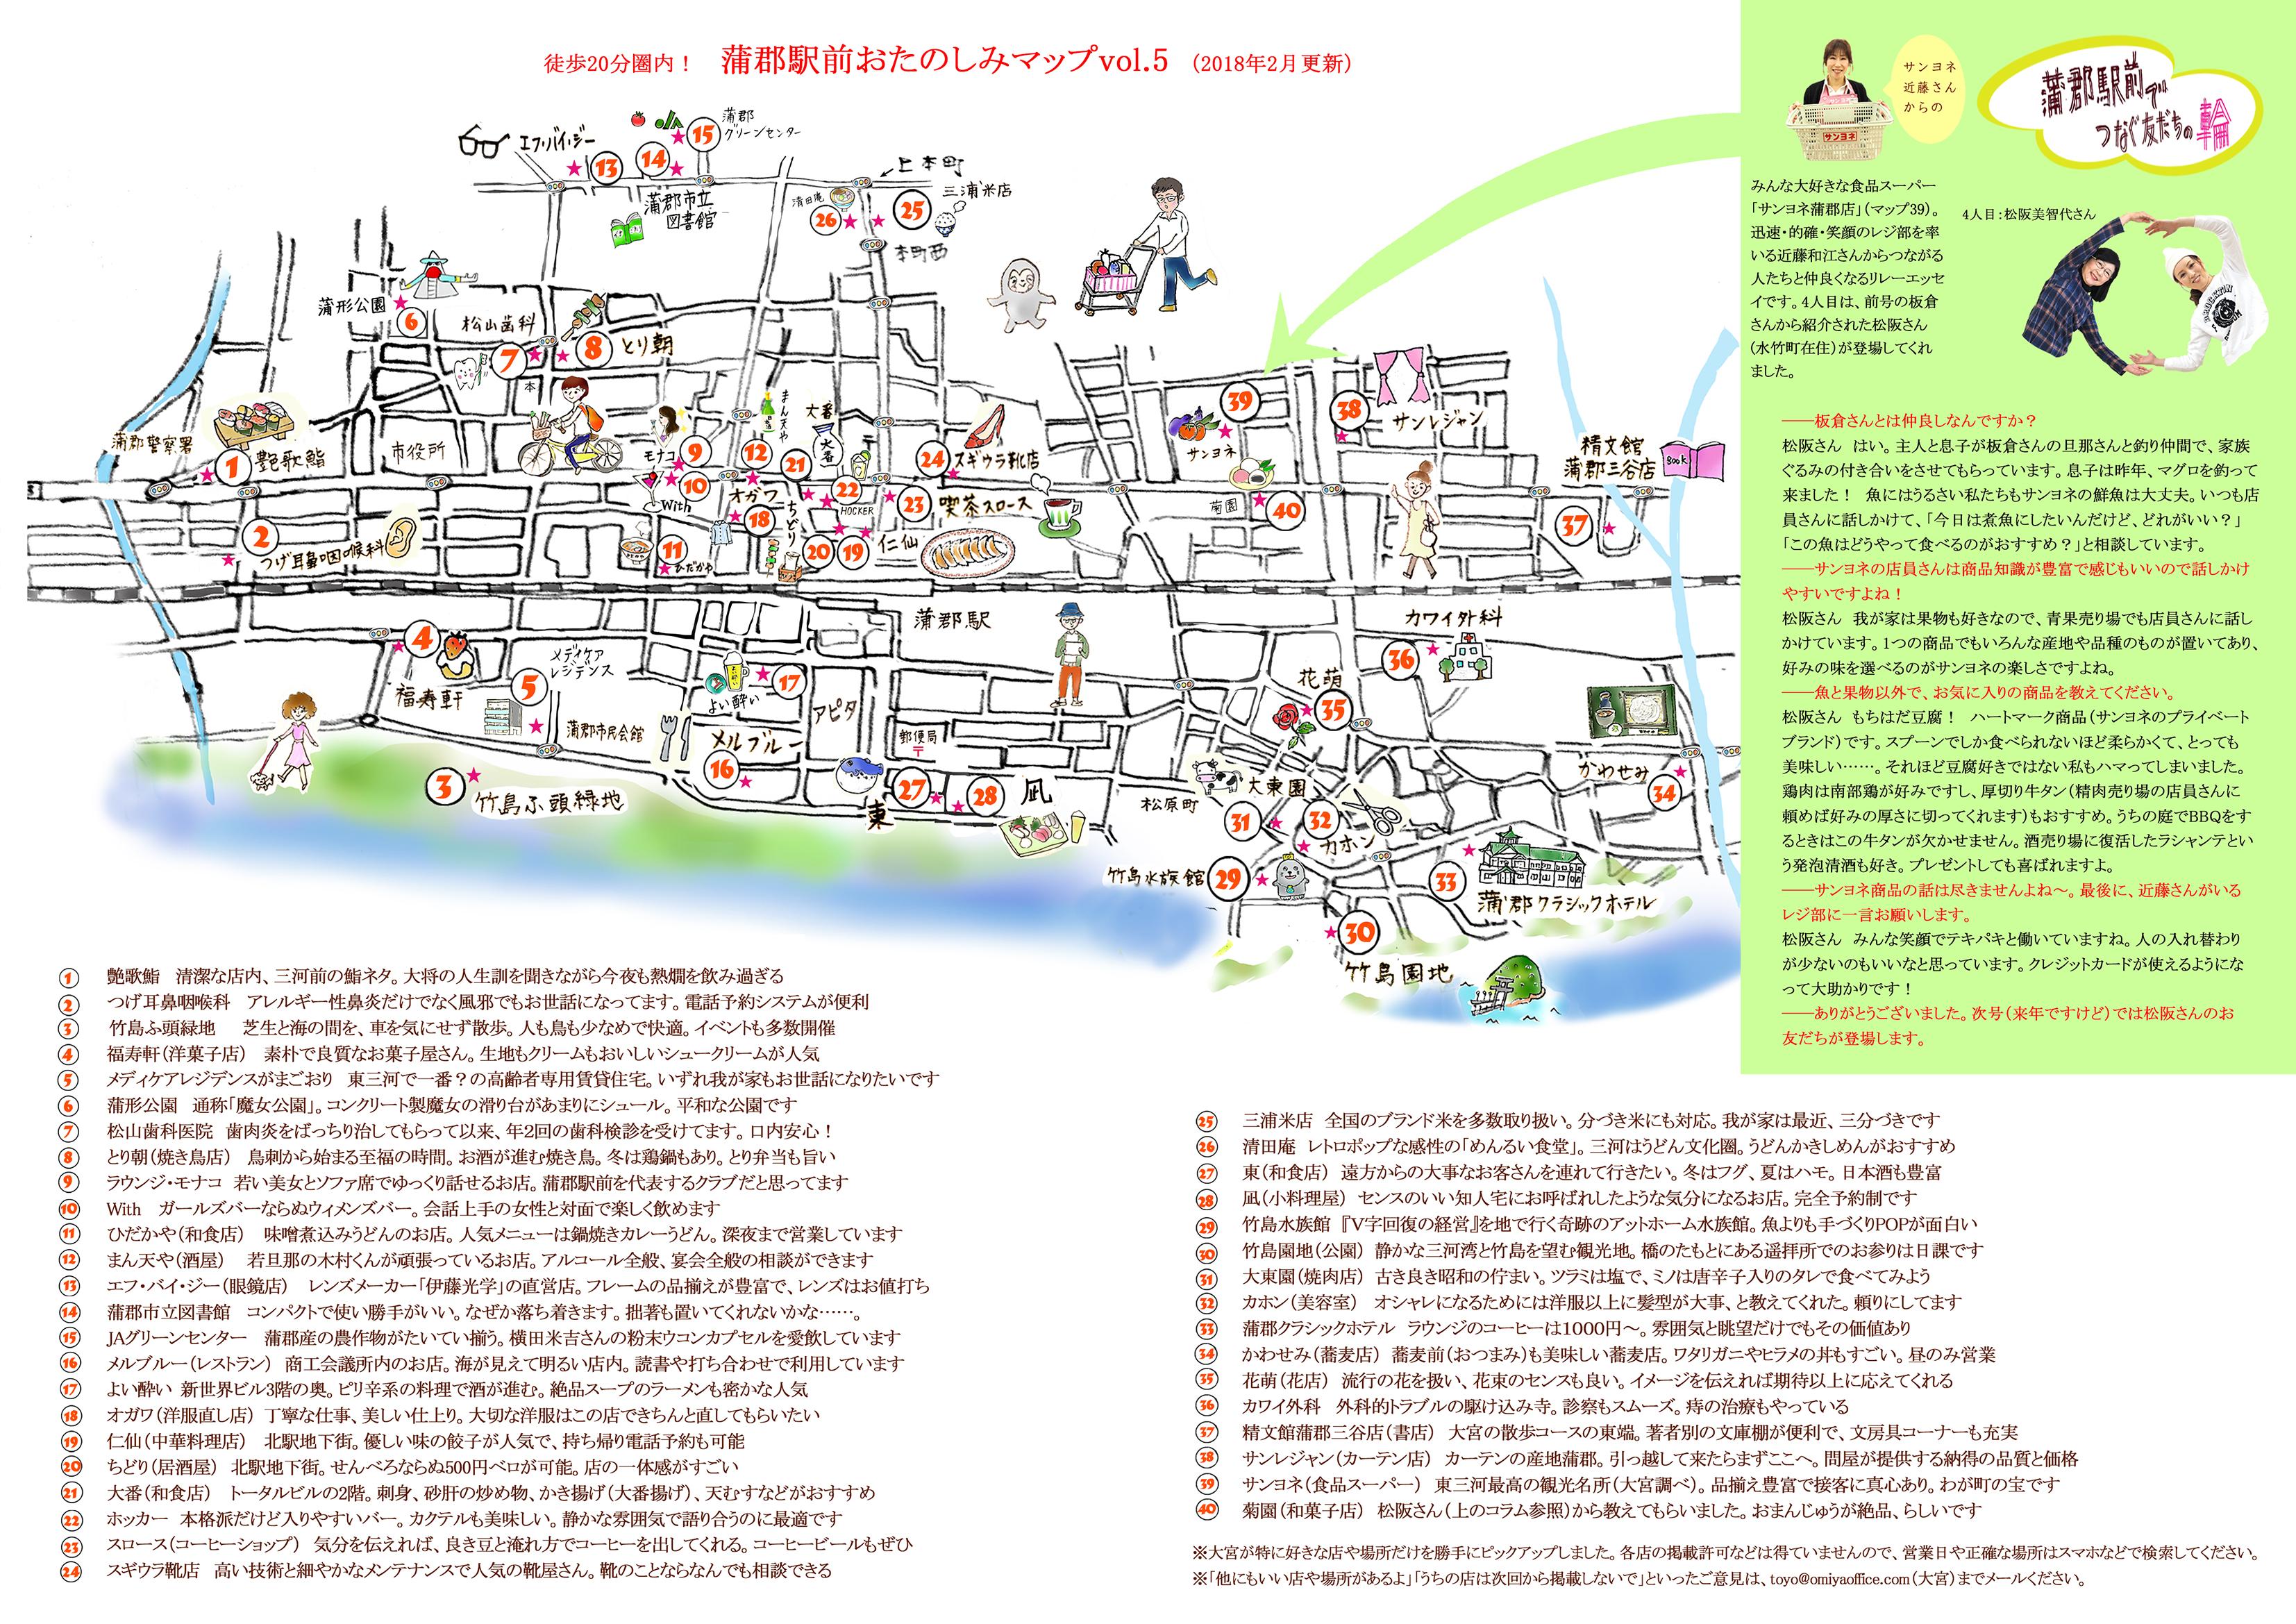 vol.1を手作りしたのが5年前。vol.2から美智乃さんによる可愛いマップに進化しました。